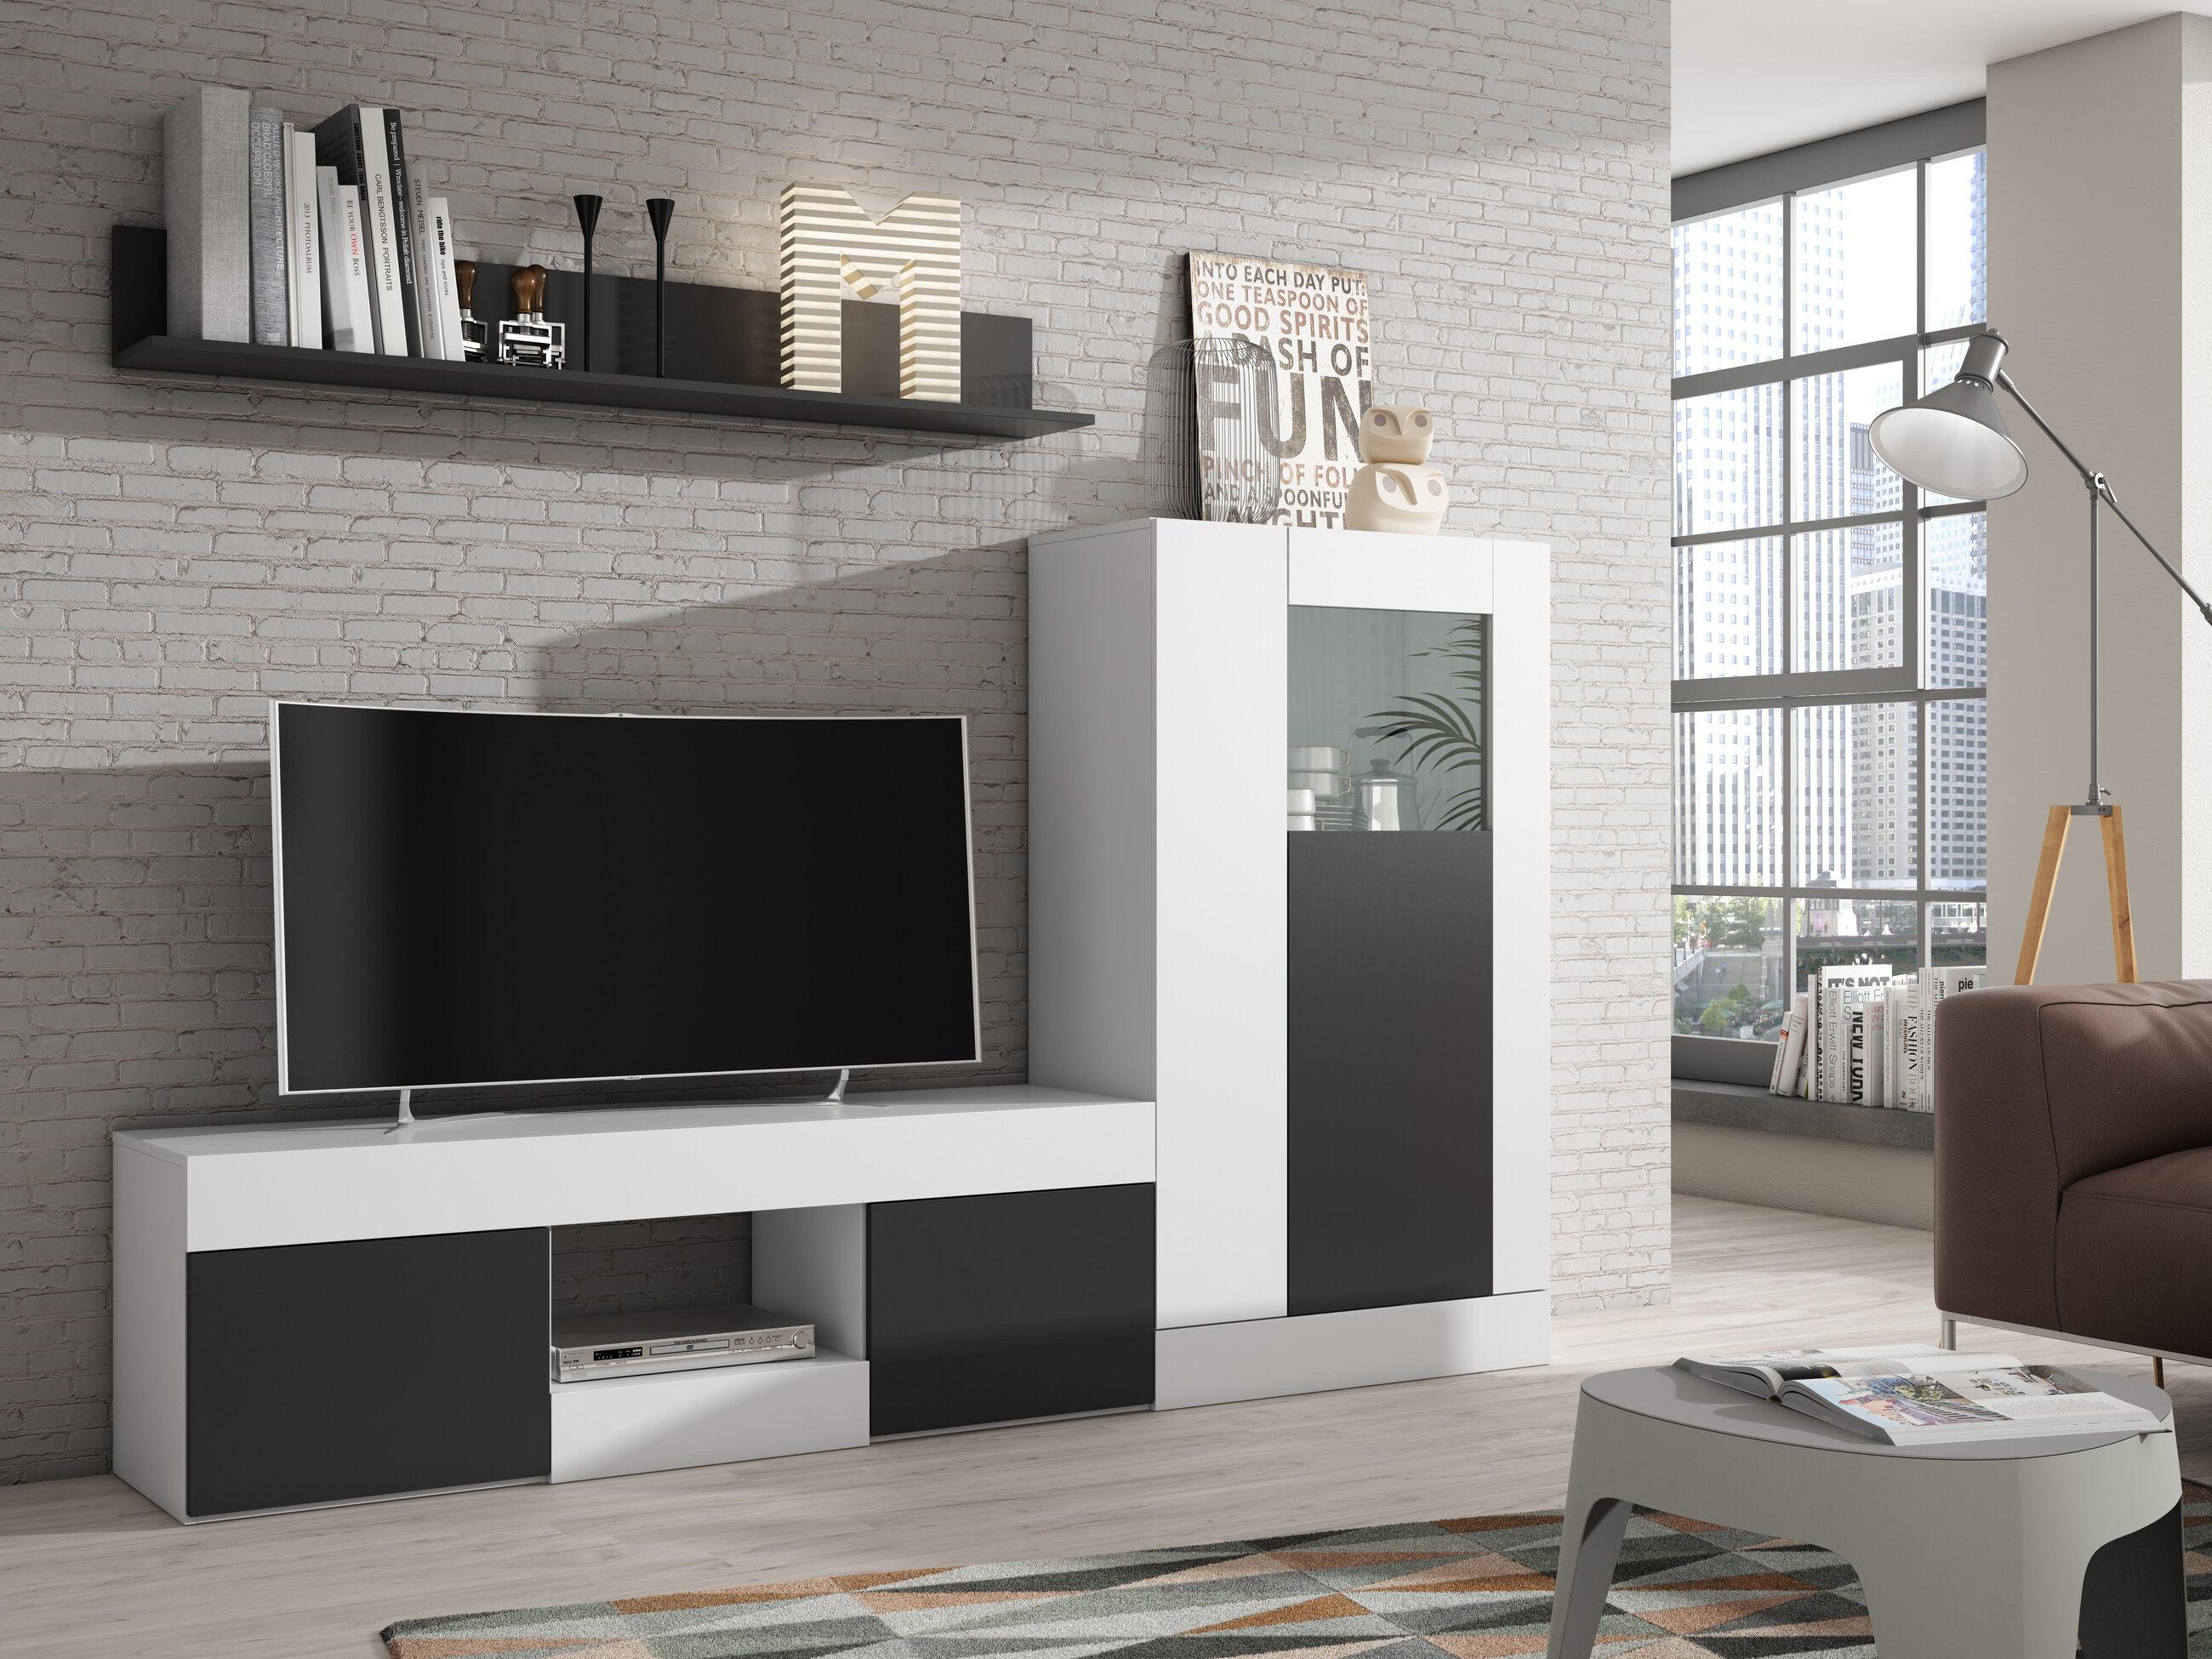 Salon en blanco y negro dise os arquitect nicos for Mueble salon blanco y negro